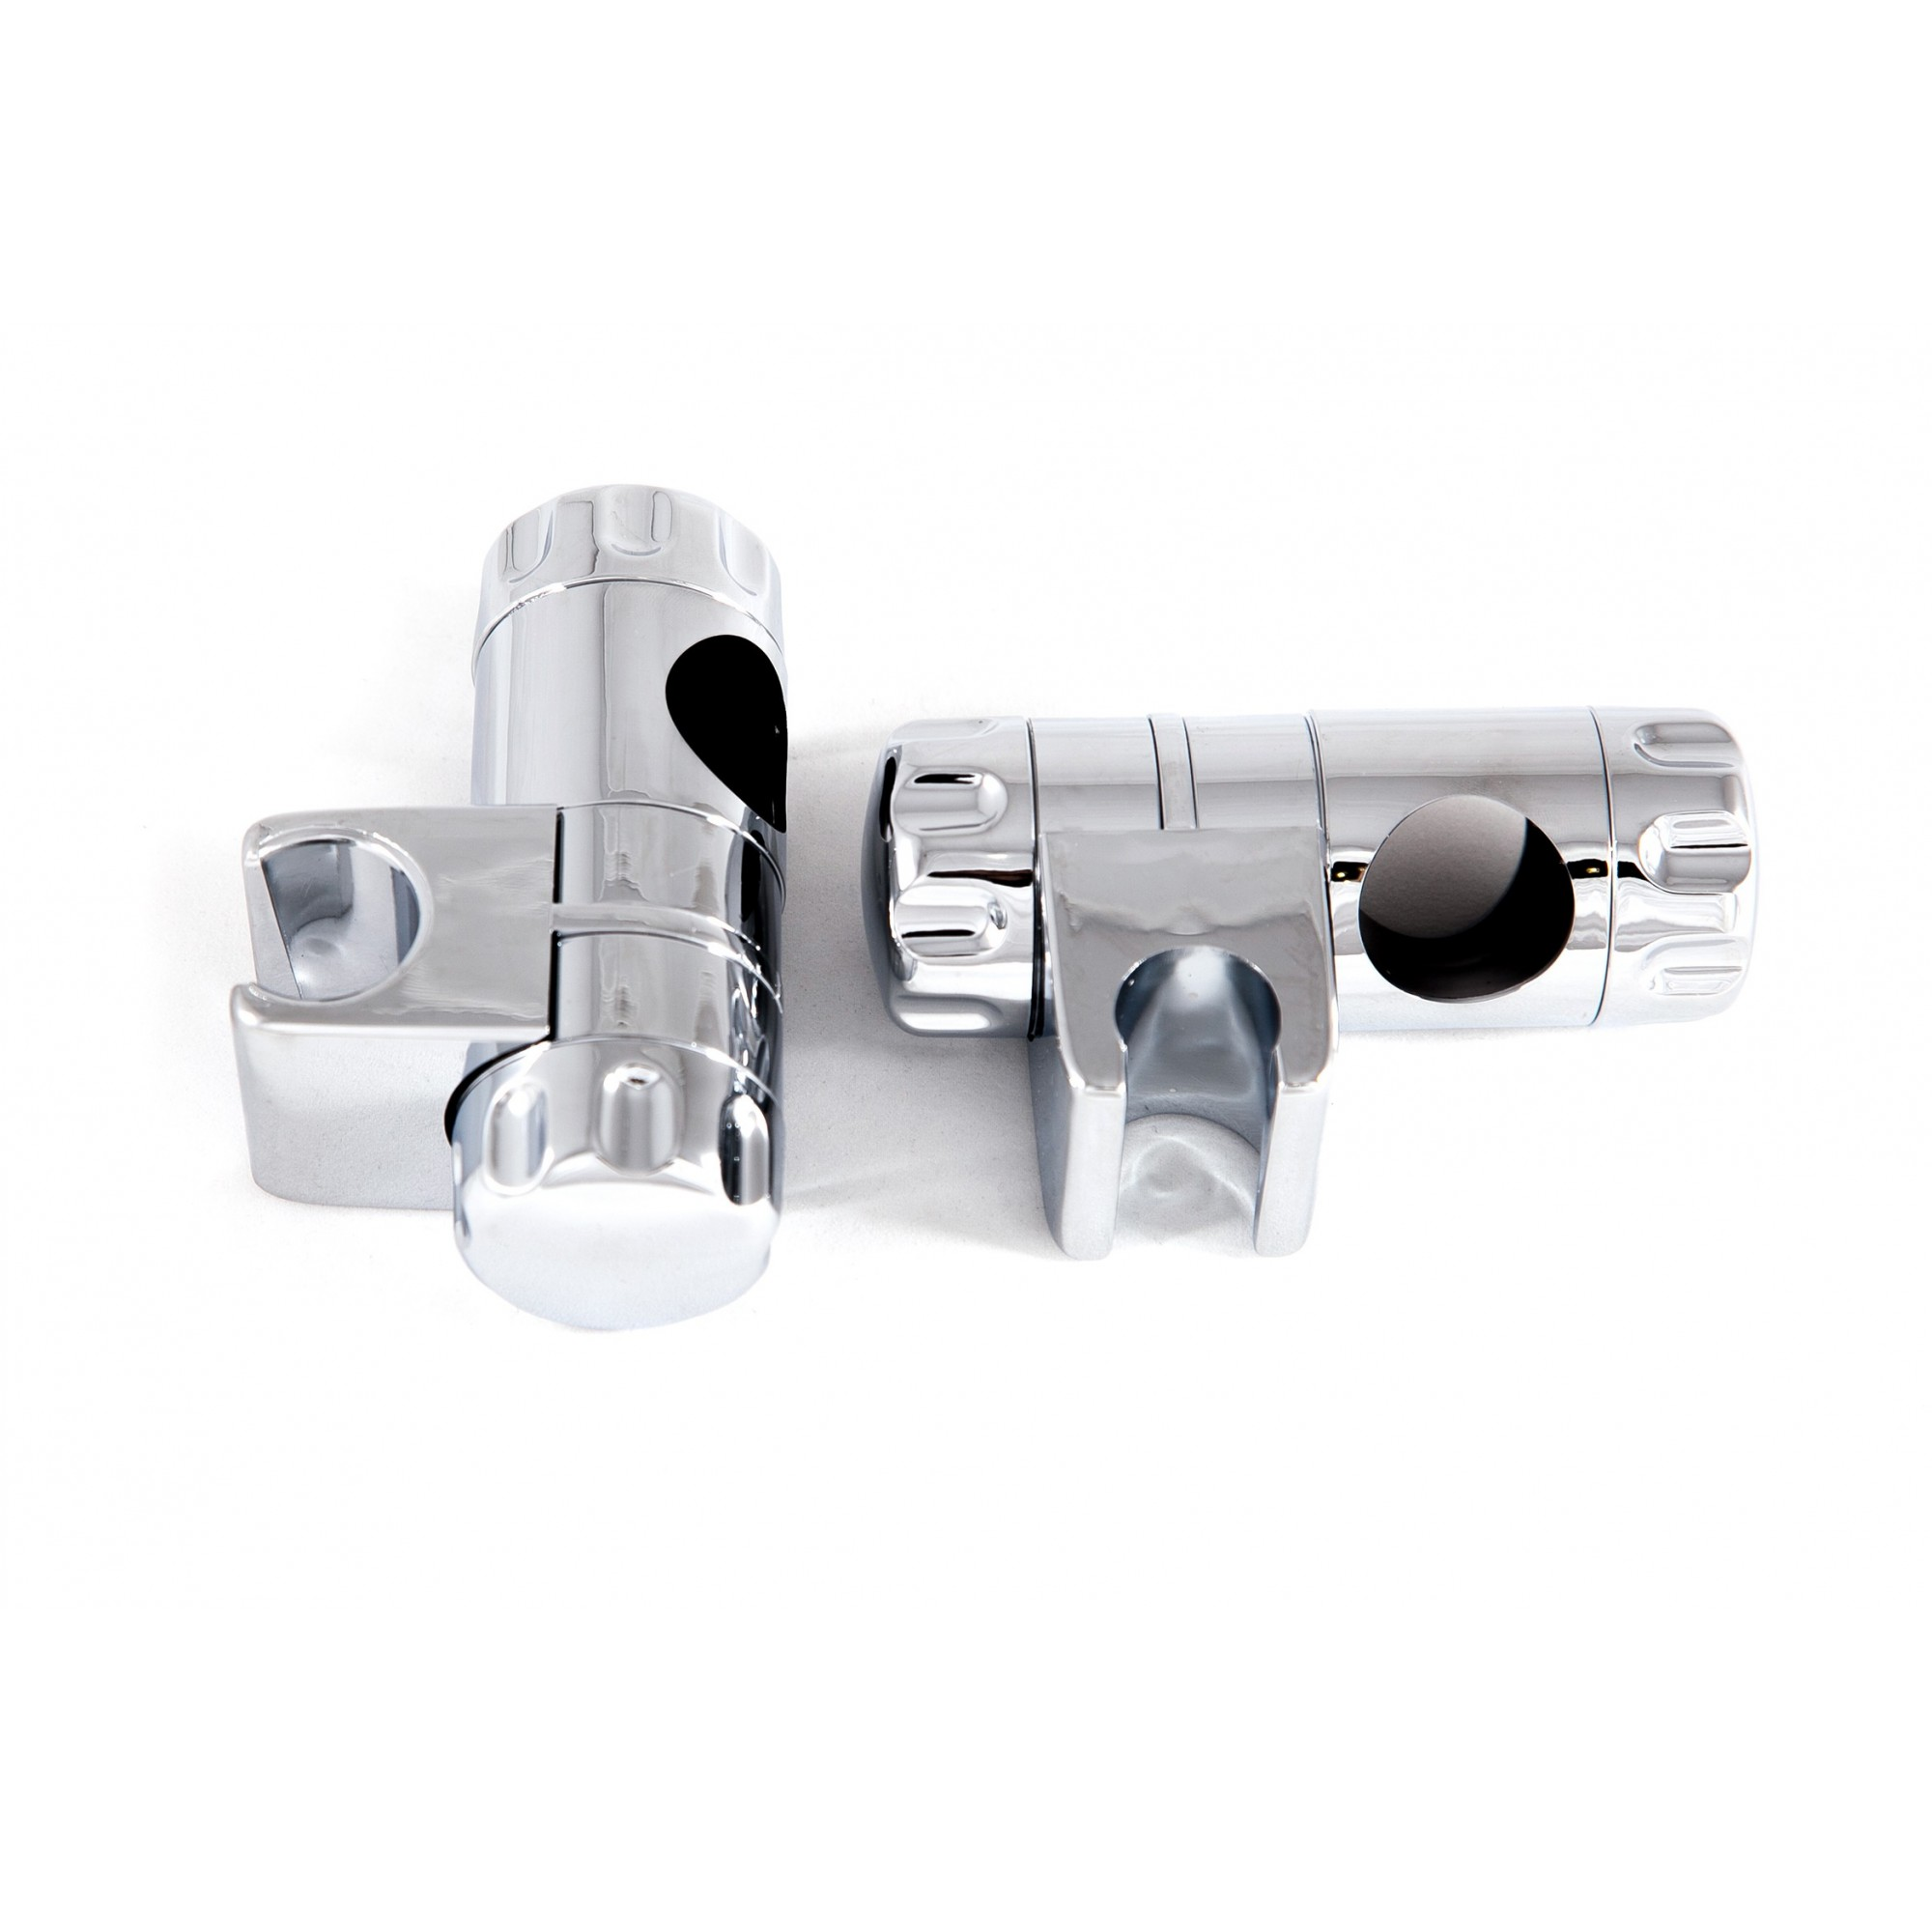 Держатель лейки душа пластиковый поворотный, Н19А для стойки 25 мм ANGO ANGO - 1